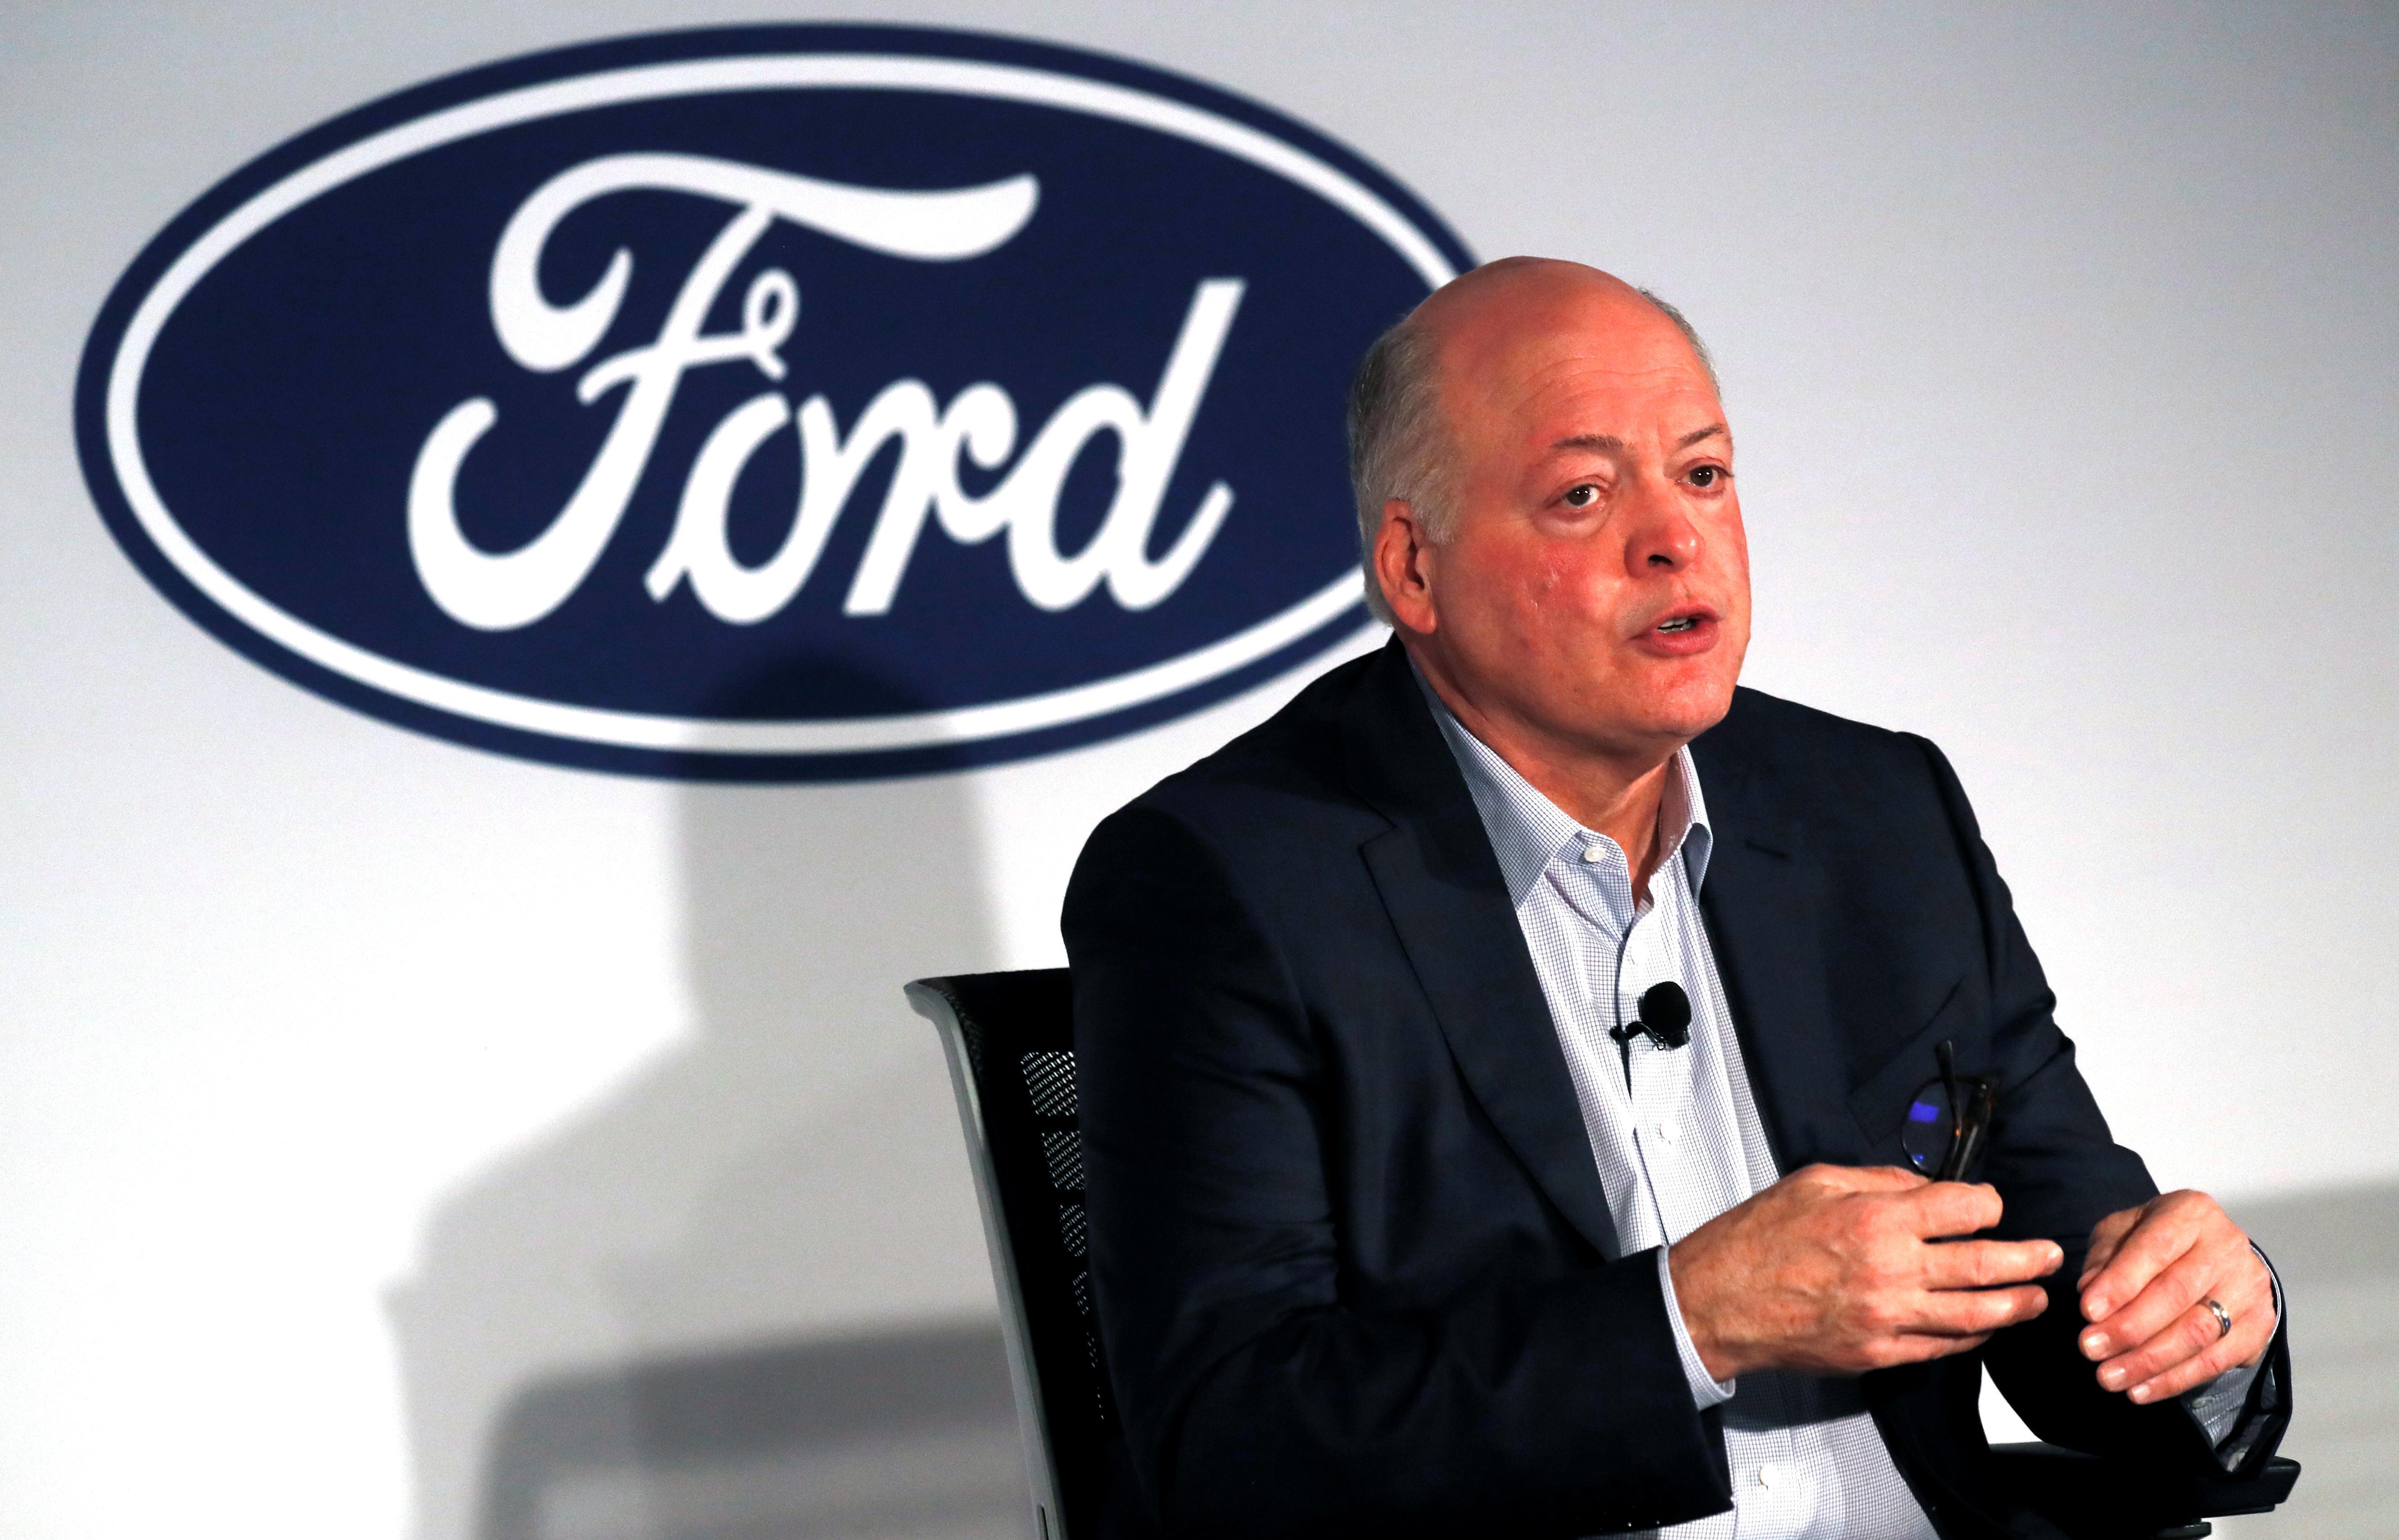 Ford et Volkswagen étendent leur alliance de plusieurs milliards de dollars aux voitures électriques et automatisées